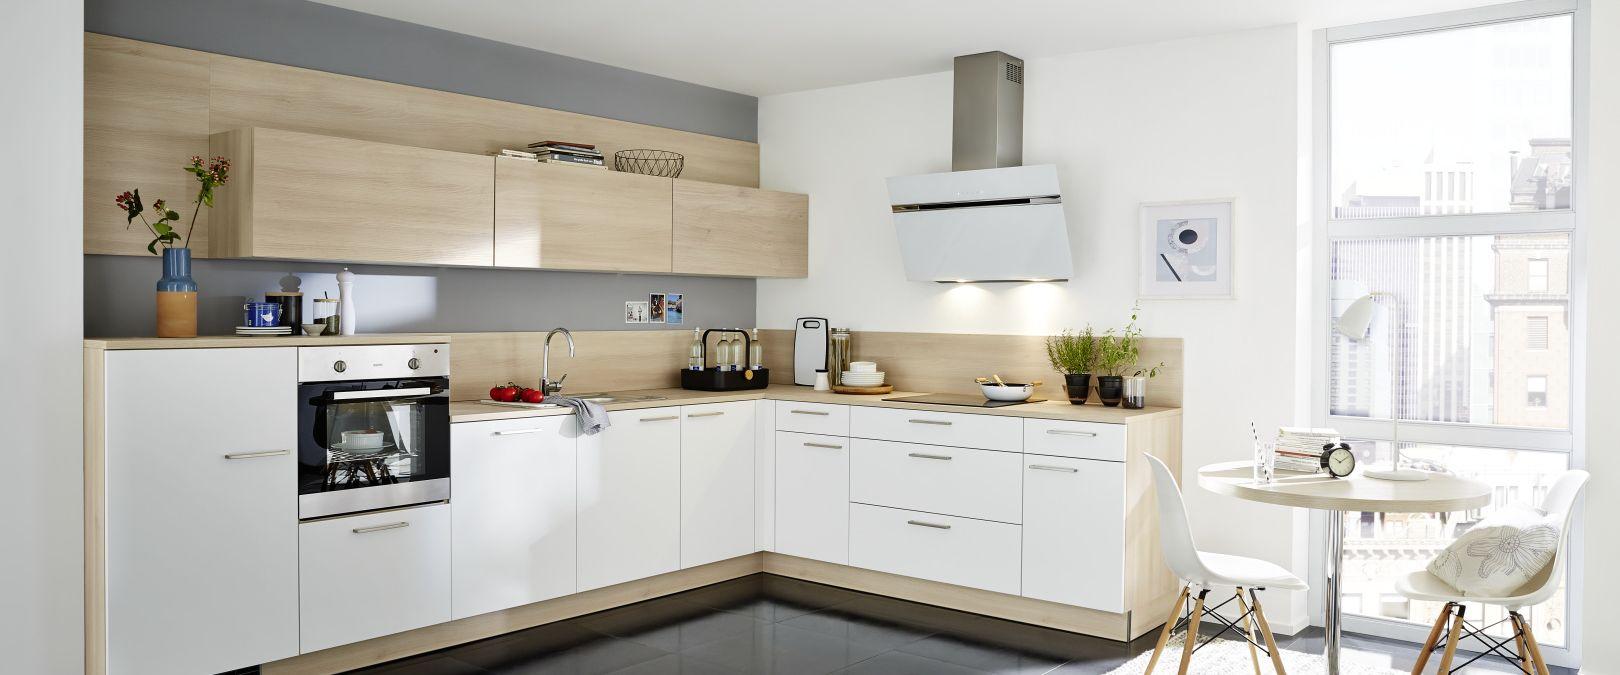 Full Size of Nolte Kchen Bei Spilger Spilgerde Schlafzimmer Betten Küche Apothekerschrank Wohnzimmer Nolte Apothekerschrank